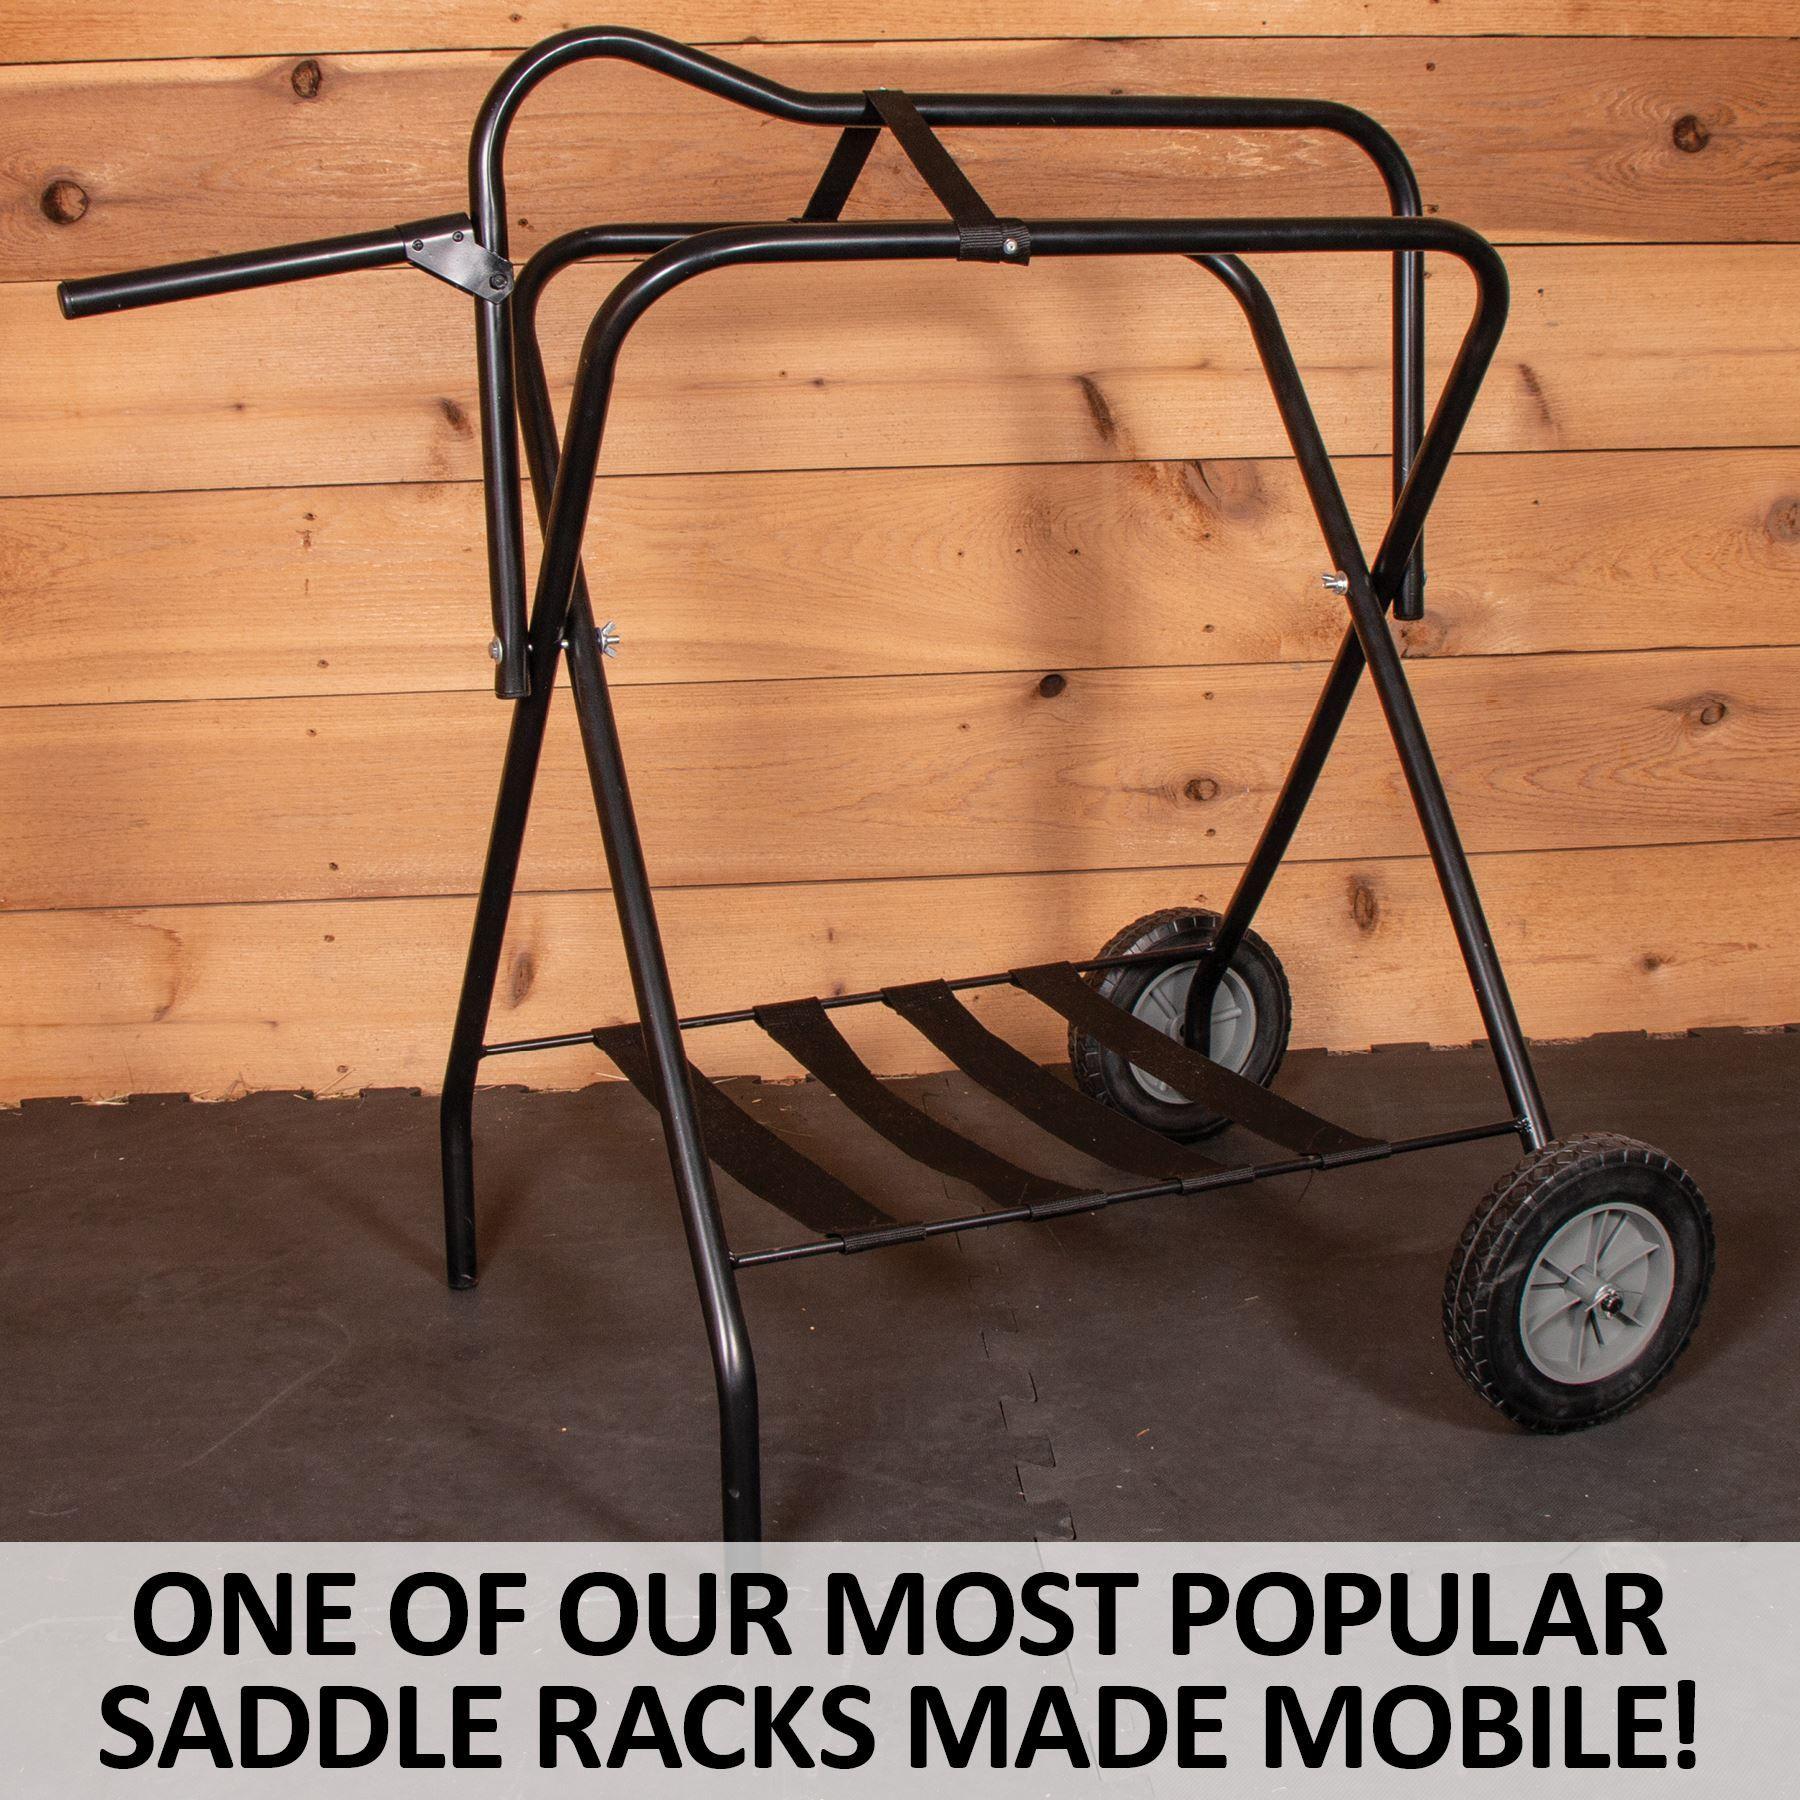 easy up folding saddle rack on wheels